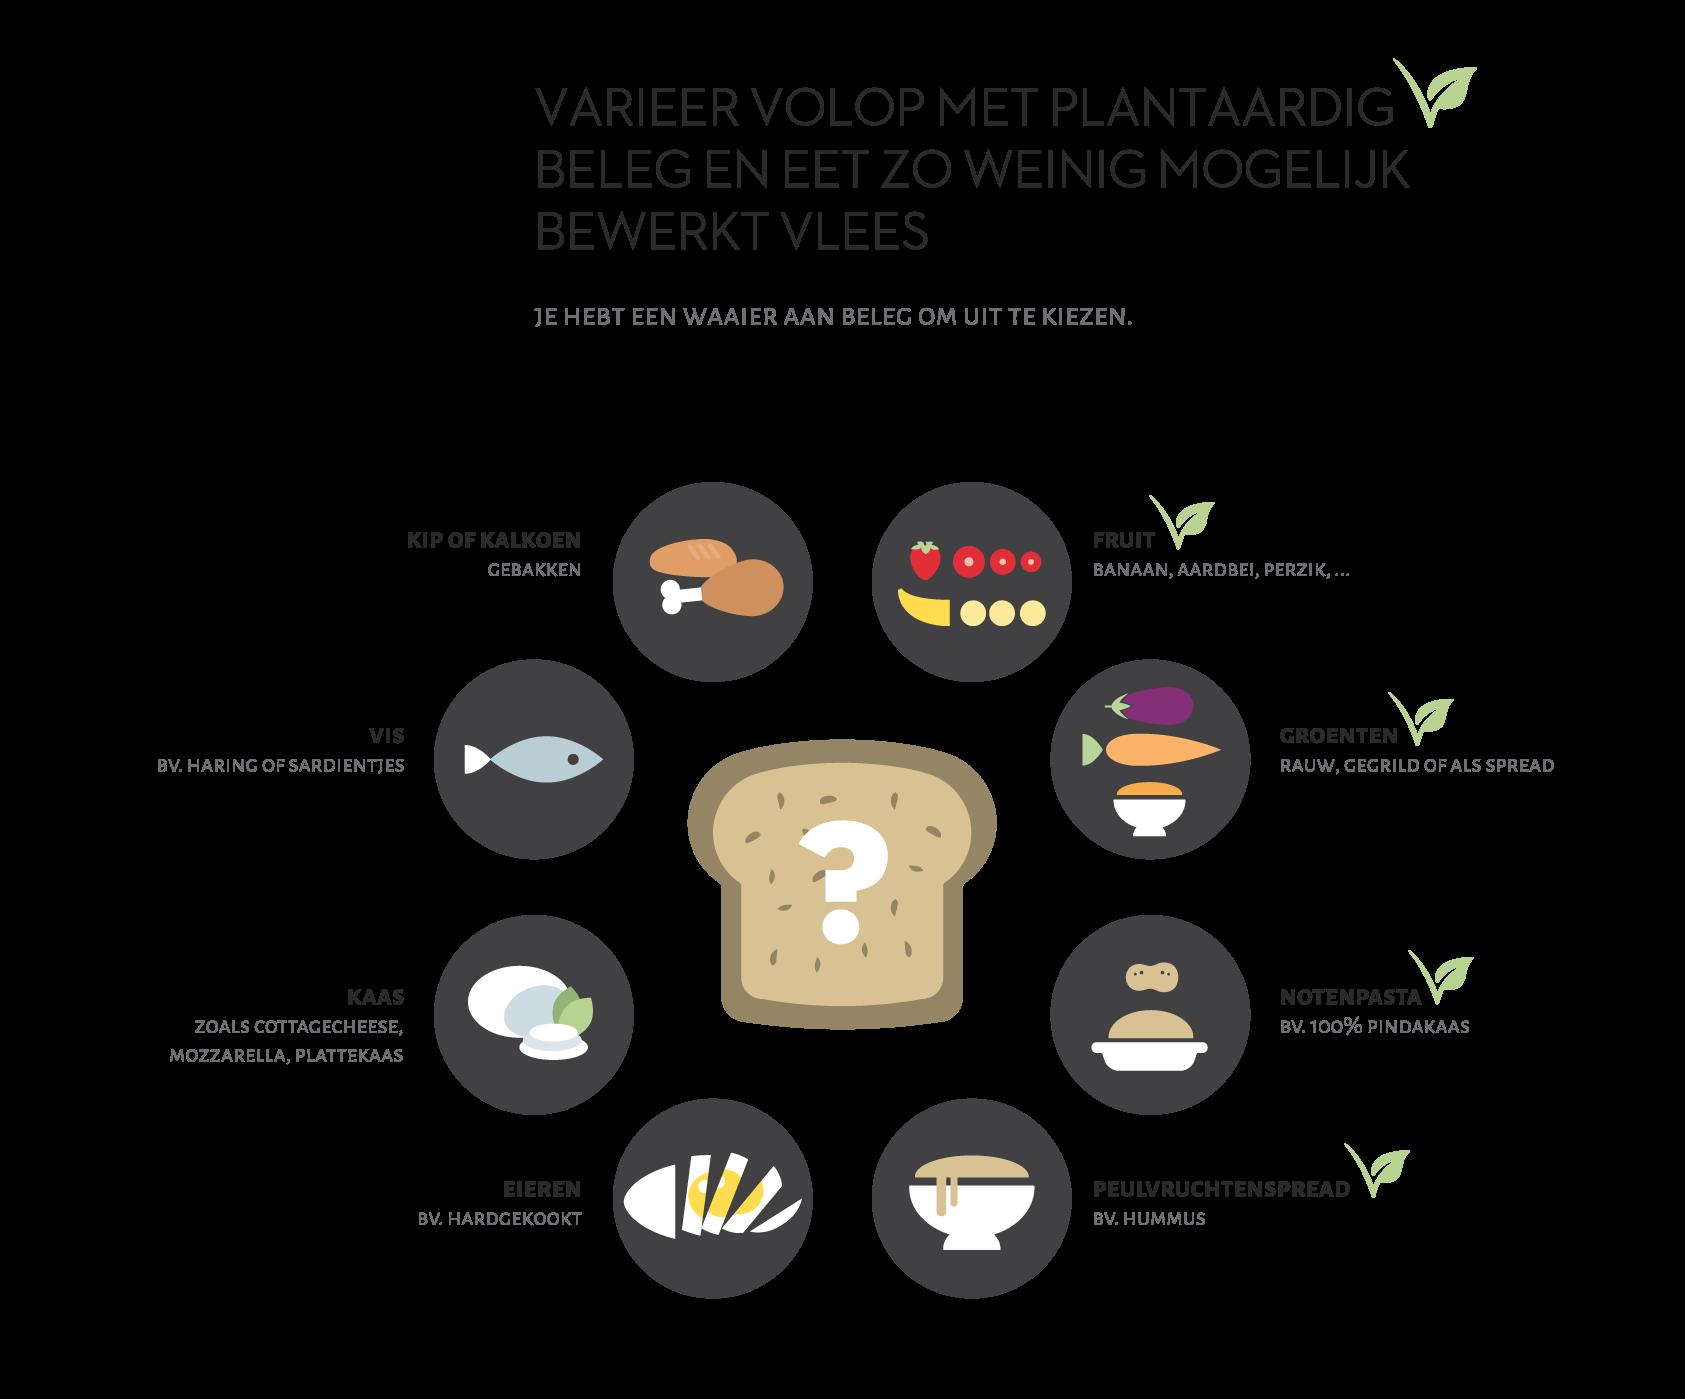 GL infographic vlees VARIEREN plantaardig rgb